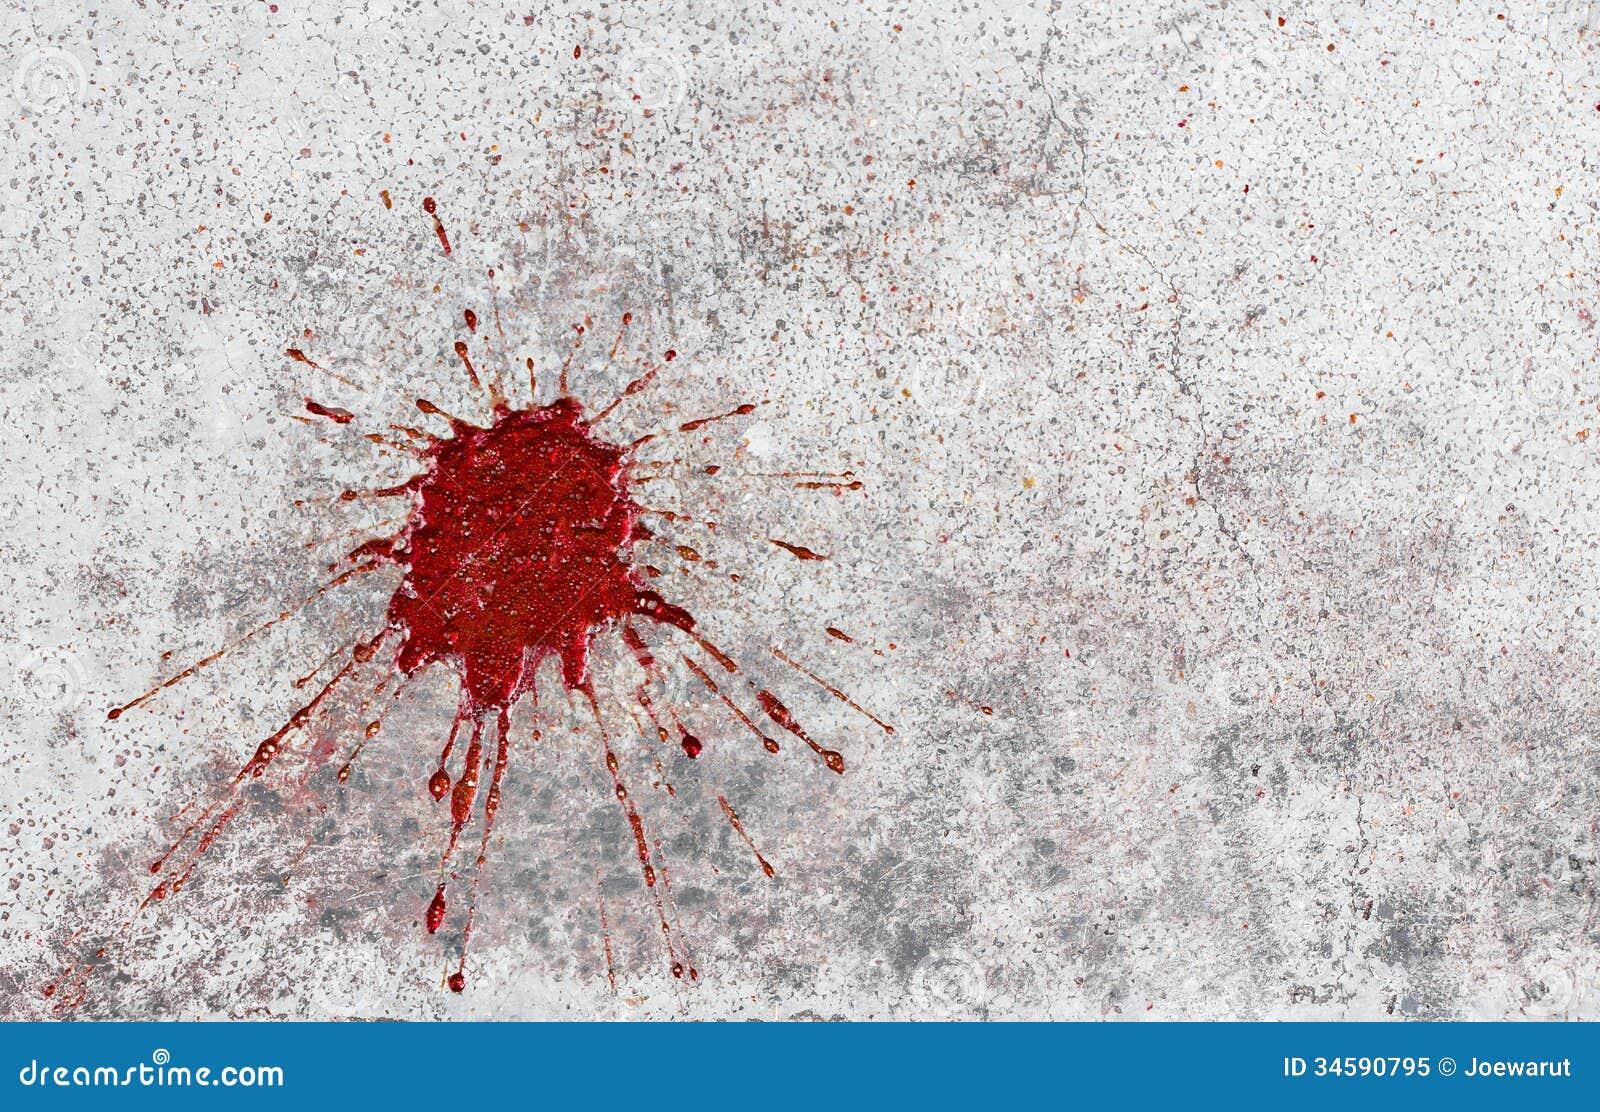 бетон кровью